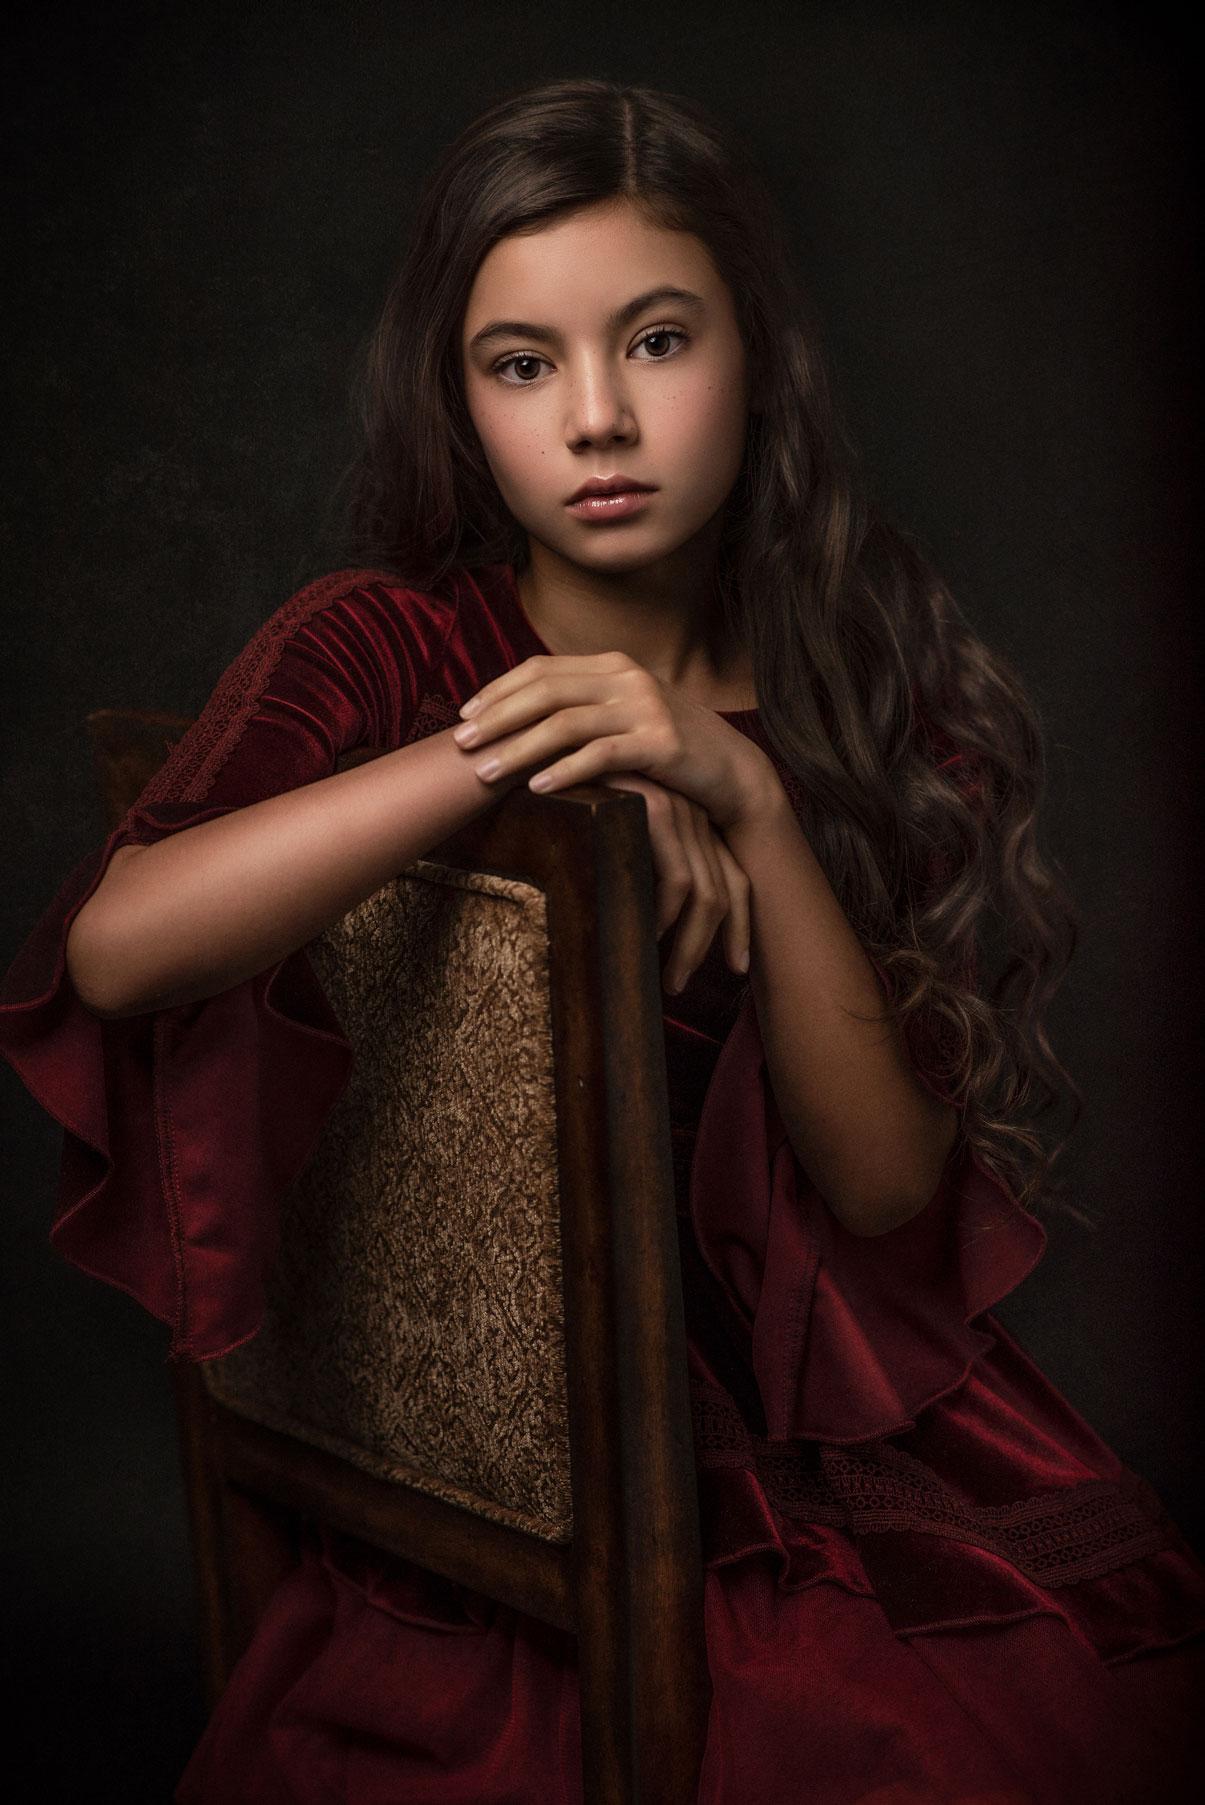 barbara_macferrin_photography_boulder_colorado_80303_fine_art_children_girl_vintage_velvet_dress_long_hair.jpg